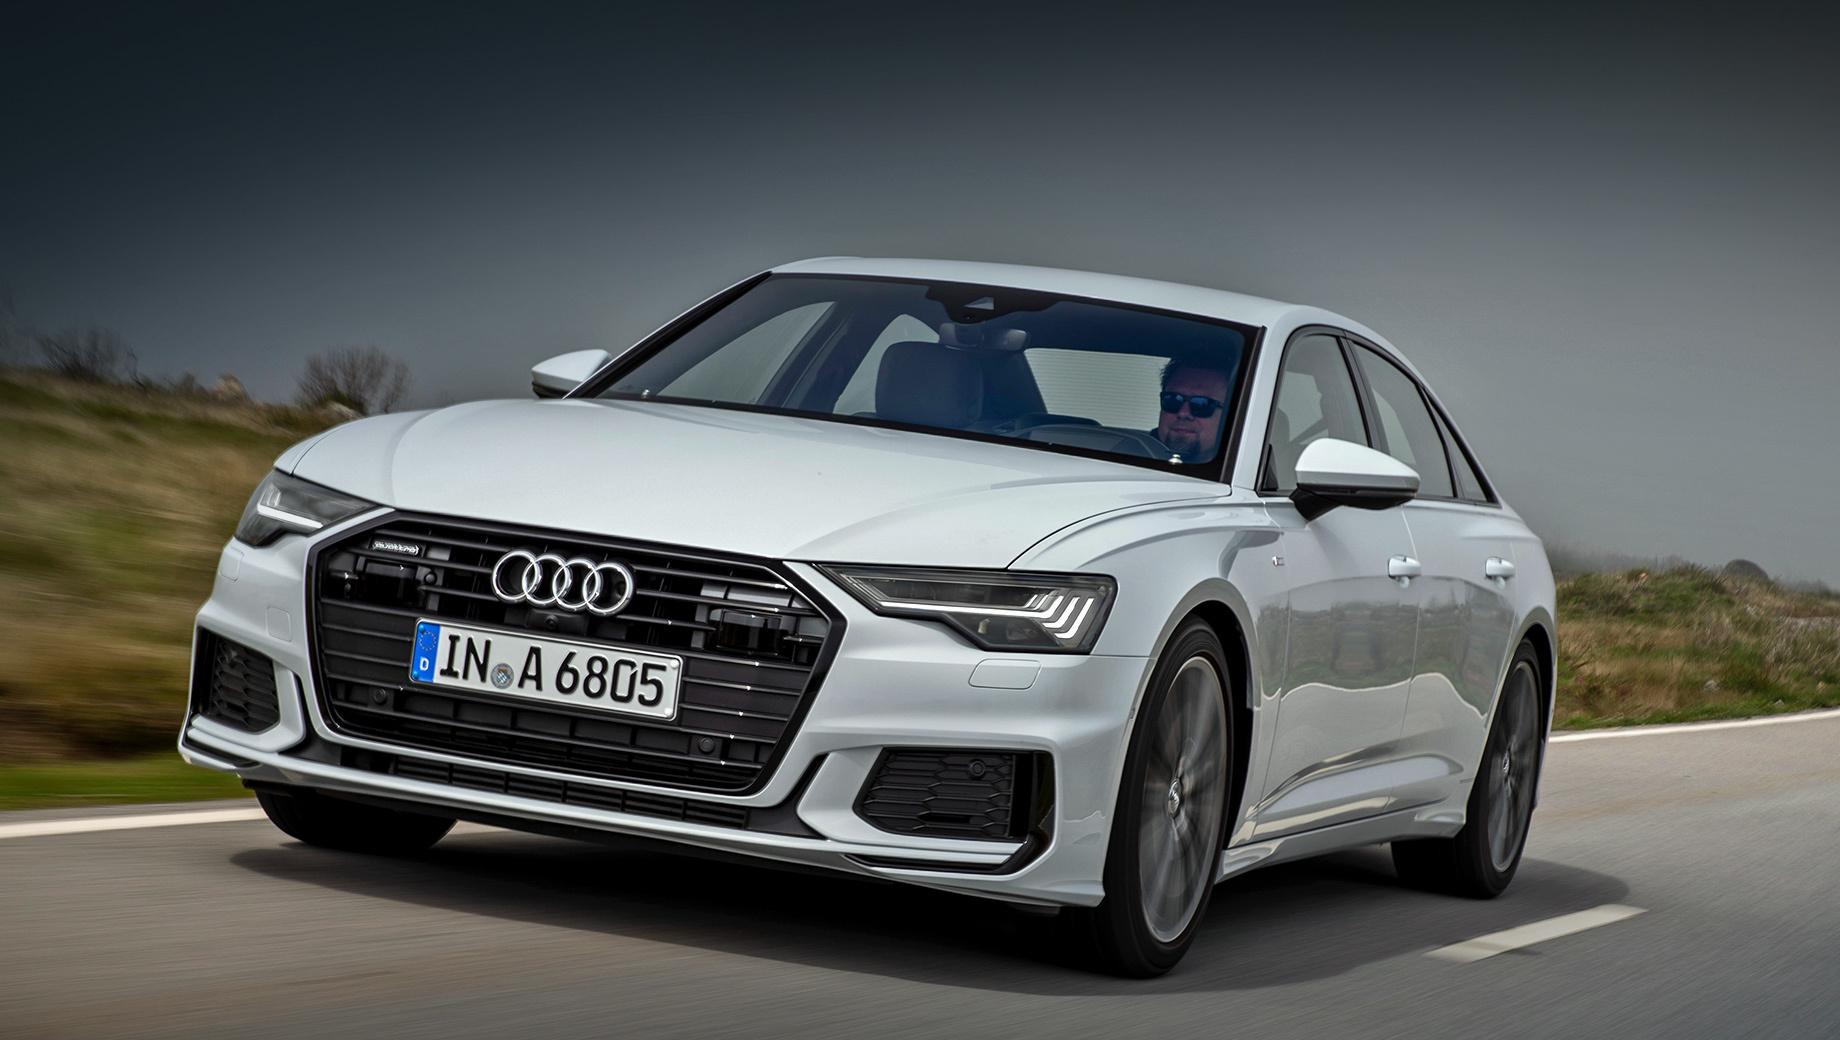 Audi a6,Audi a5,Audi a4,Audi q5. Audi A6 с 23 июня находится «в розыске» из-за неполадок в системе экстренного вызова. Год назад у седанов обнаружилась утечка антифриза.